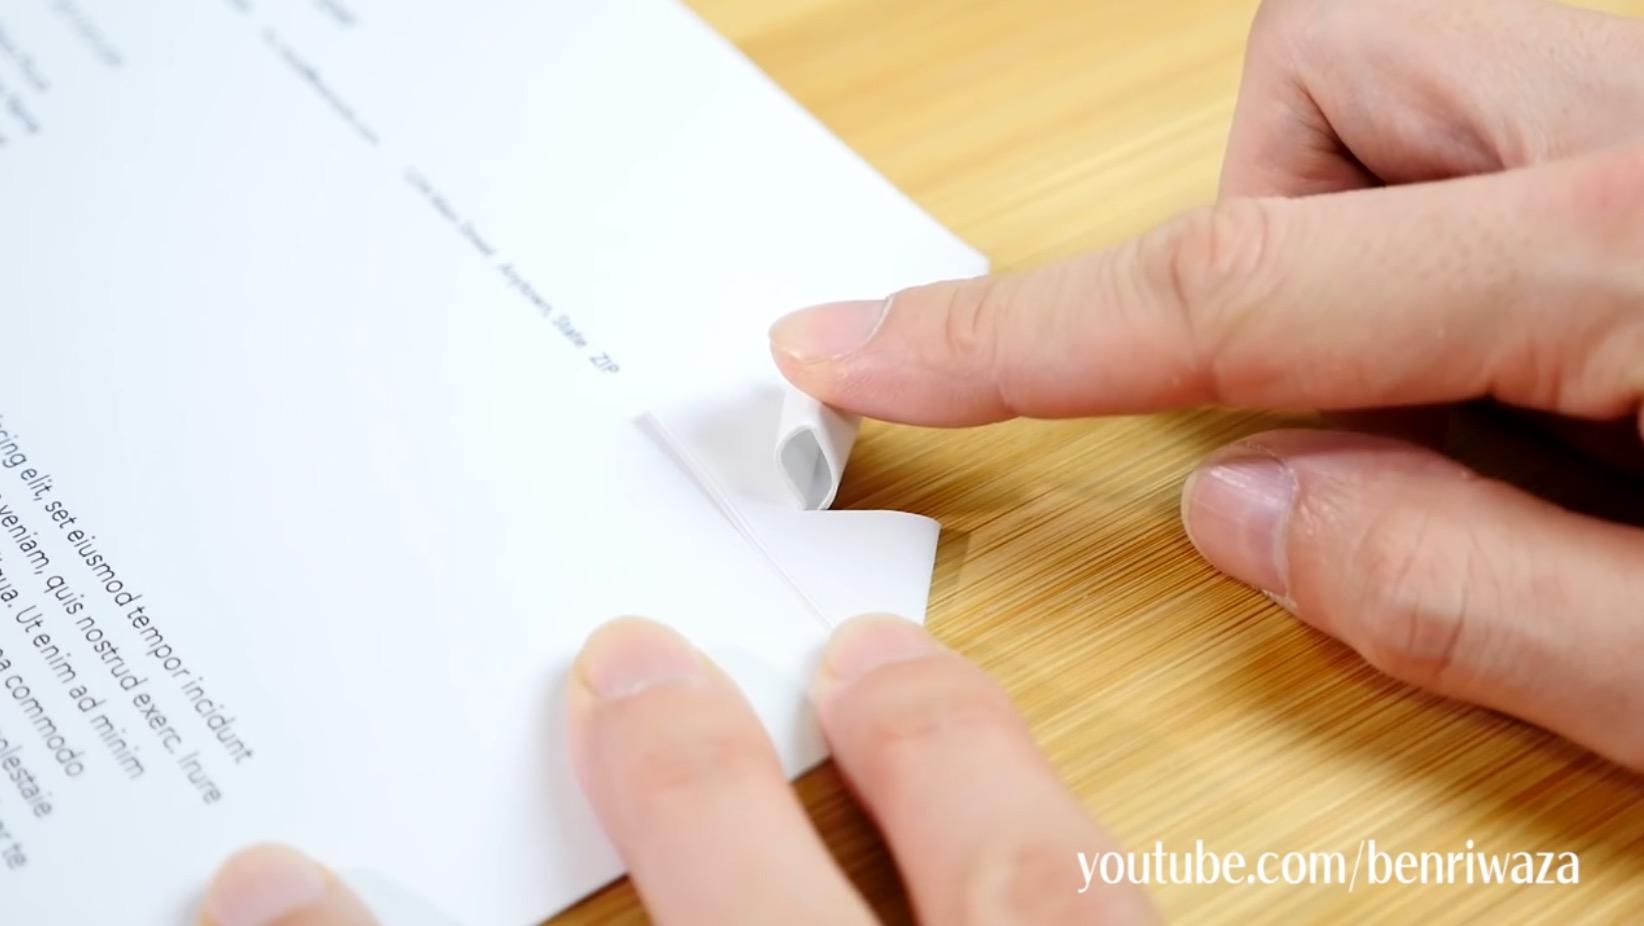 【便利技】ホチキスやクリップを使わずに紙をまとめる方法